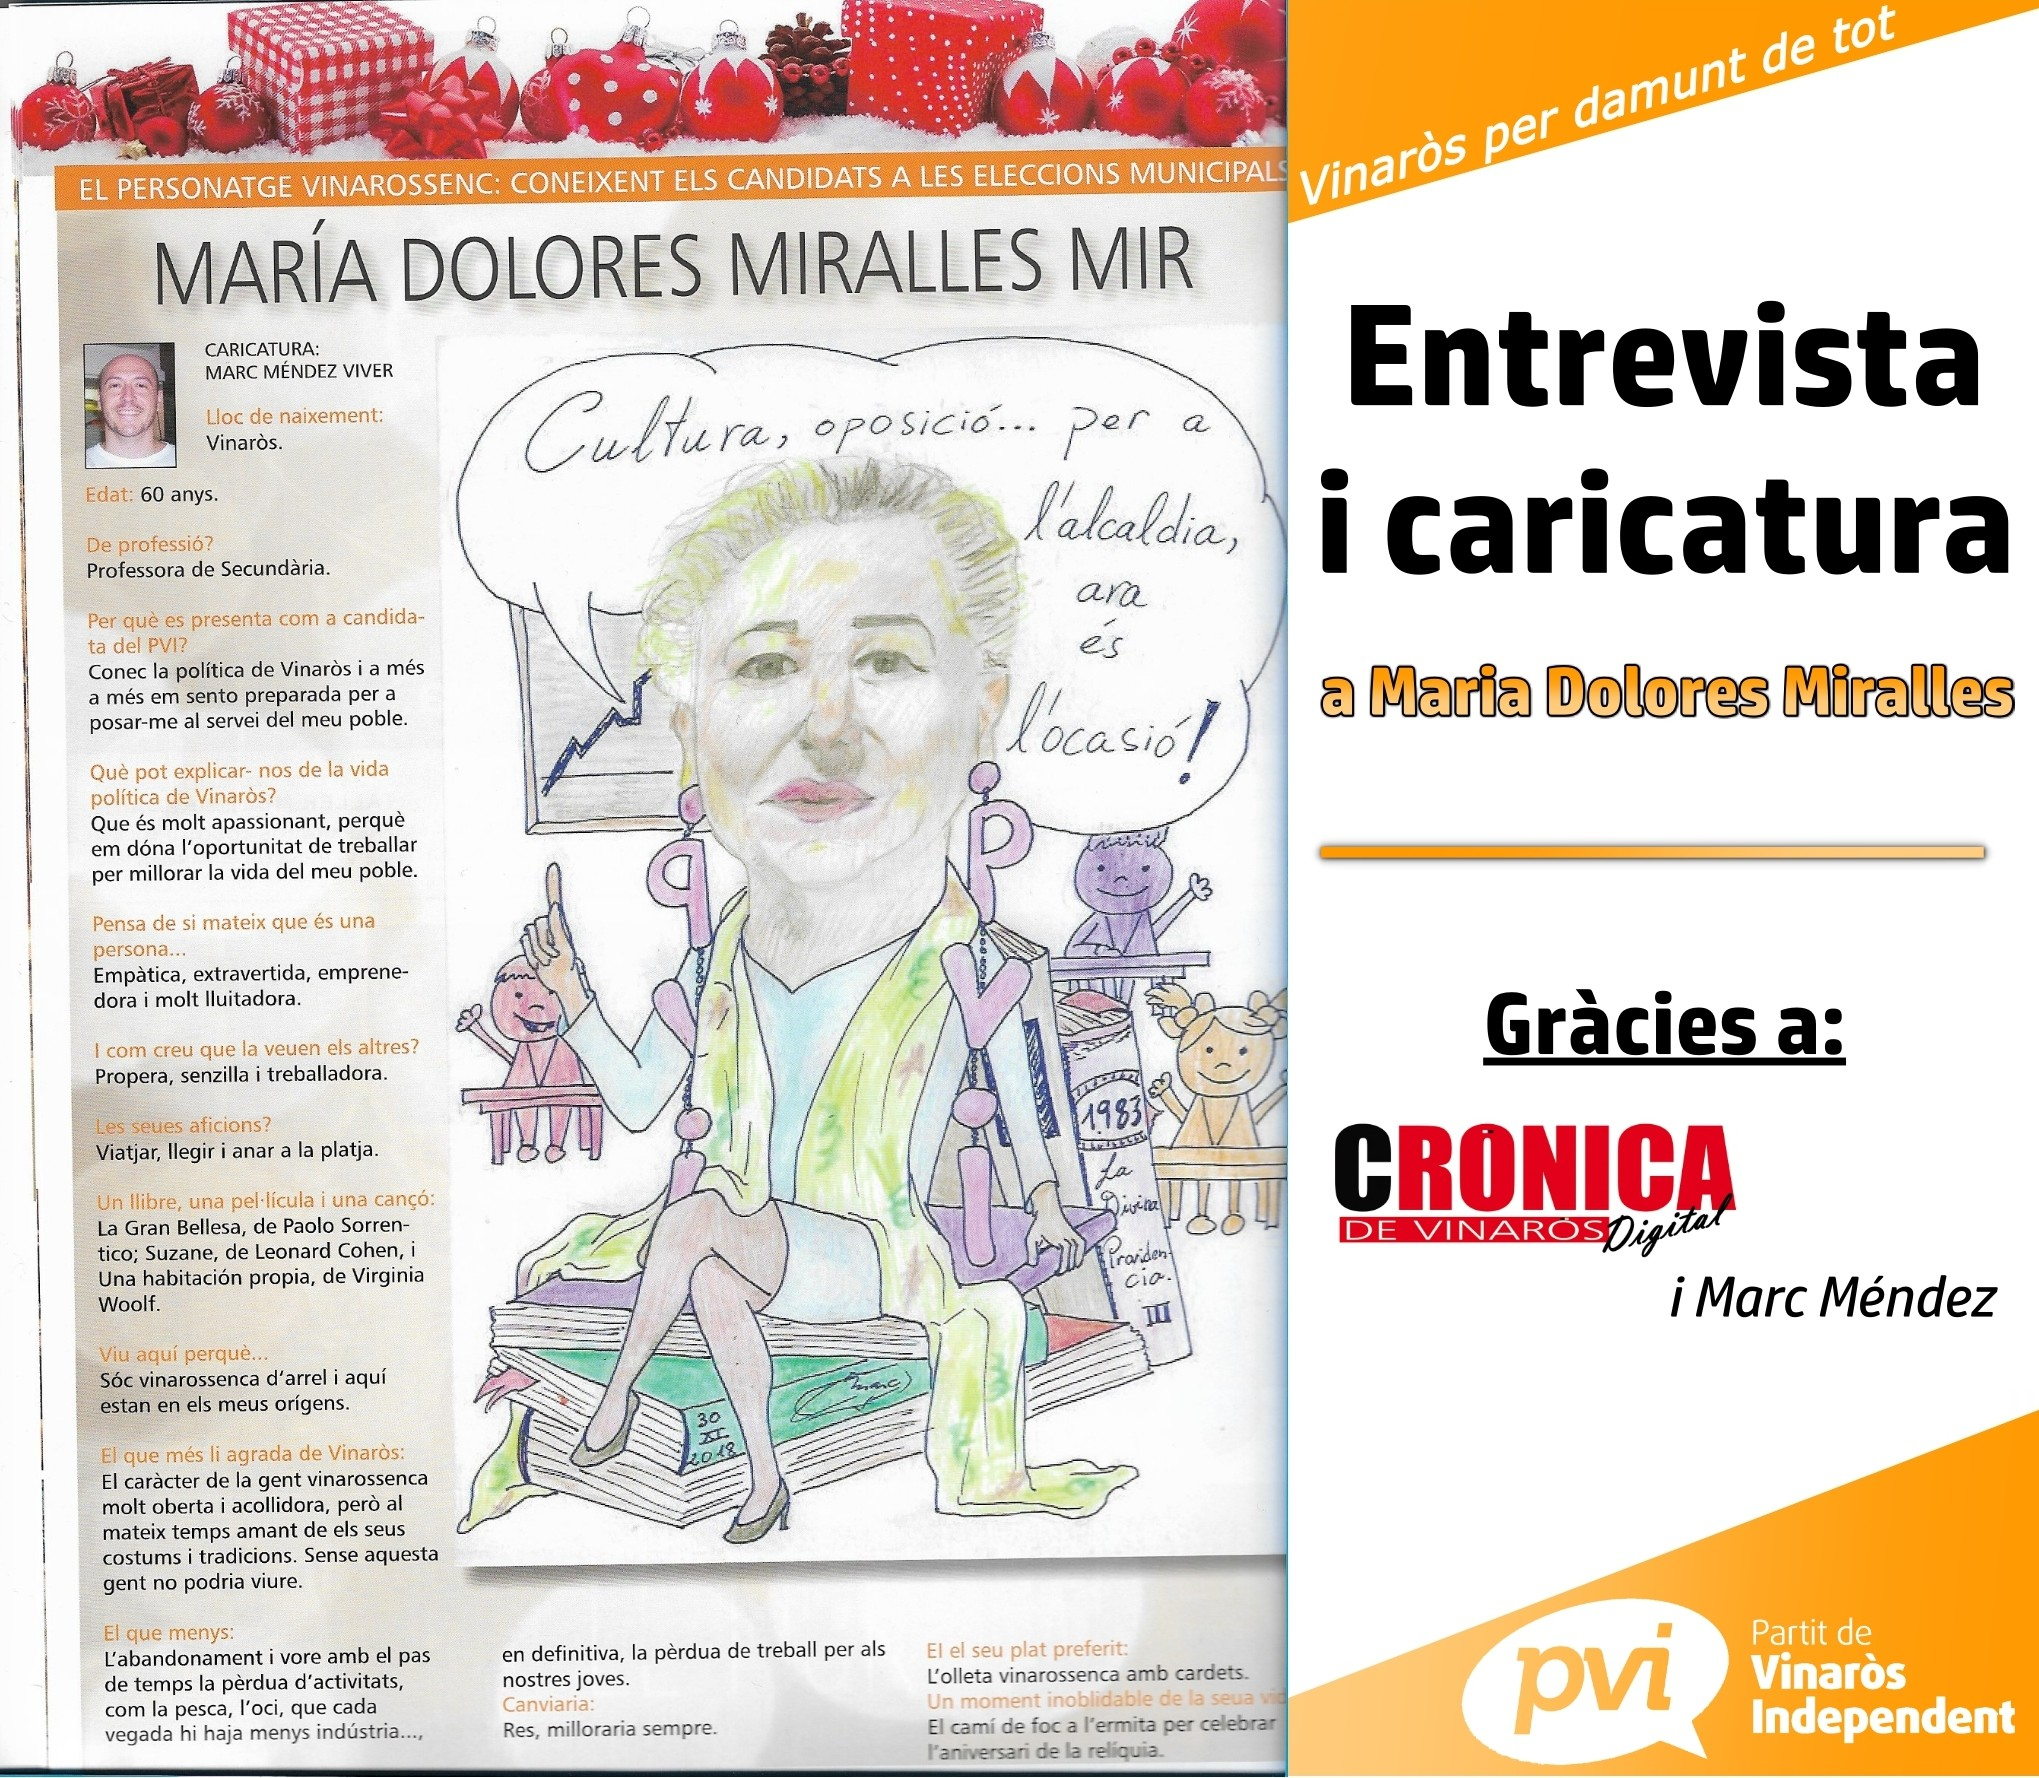 Maria Dolores caricatura cronica